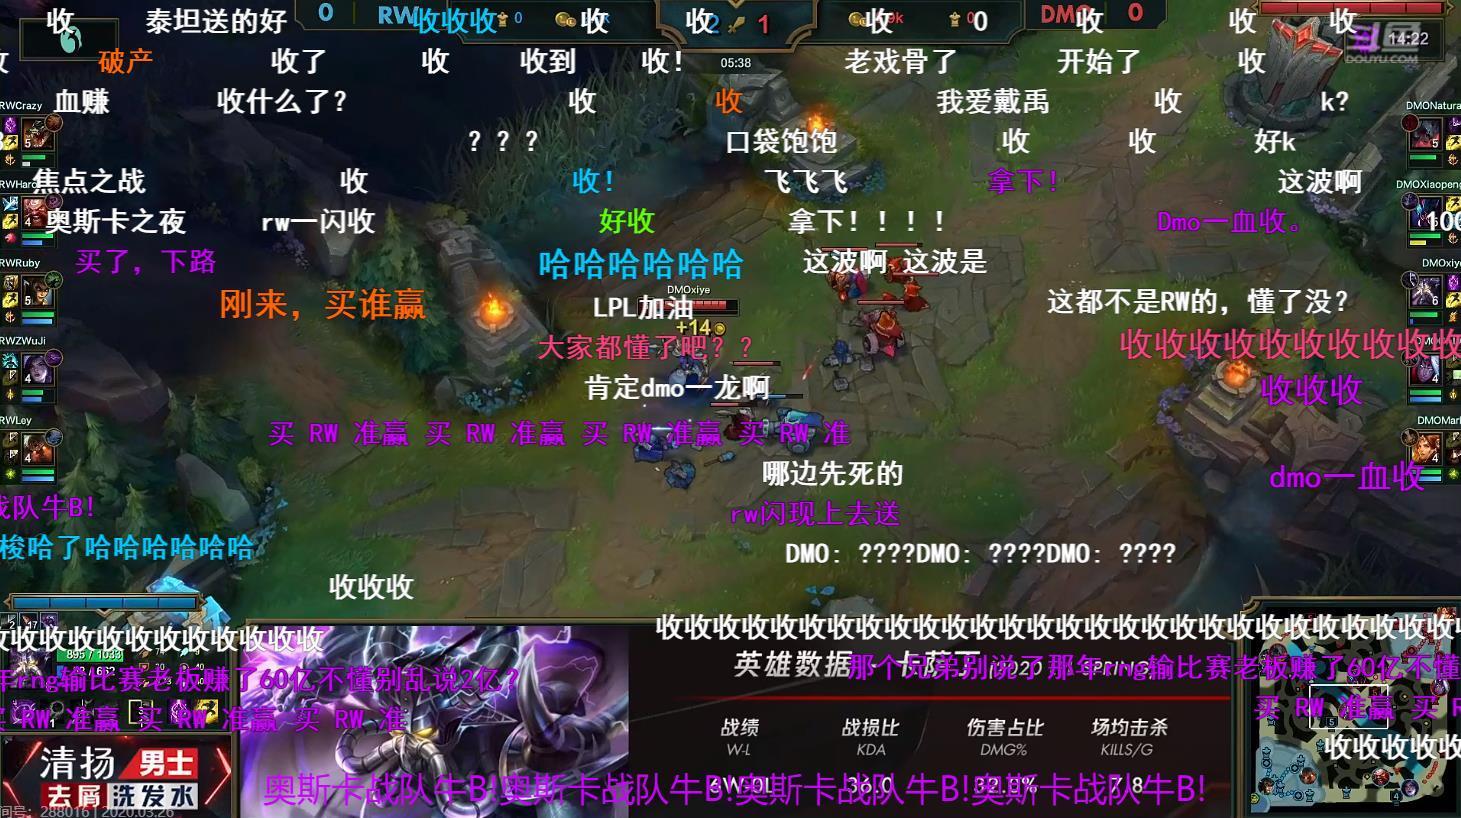 剑雨辅助:魏延事件后,RW和DMO比赛人气爆炸!弹幕刷屏:收!都是自己人